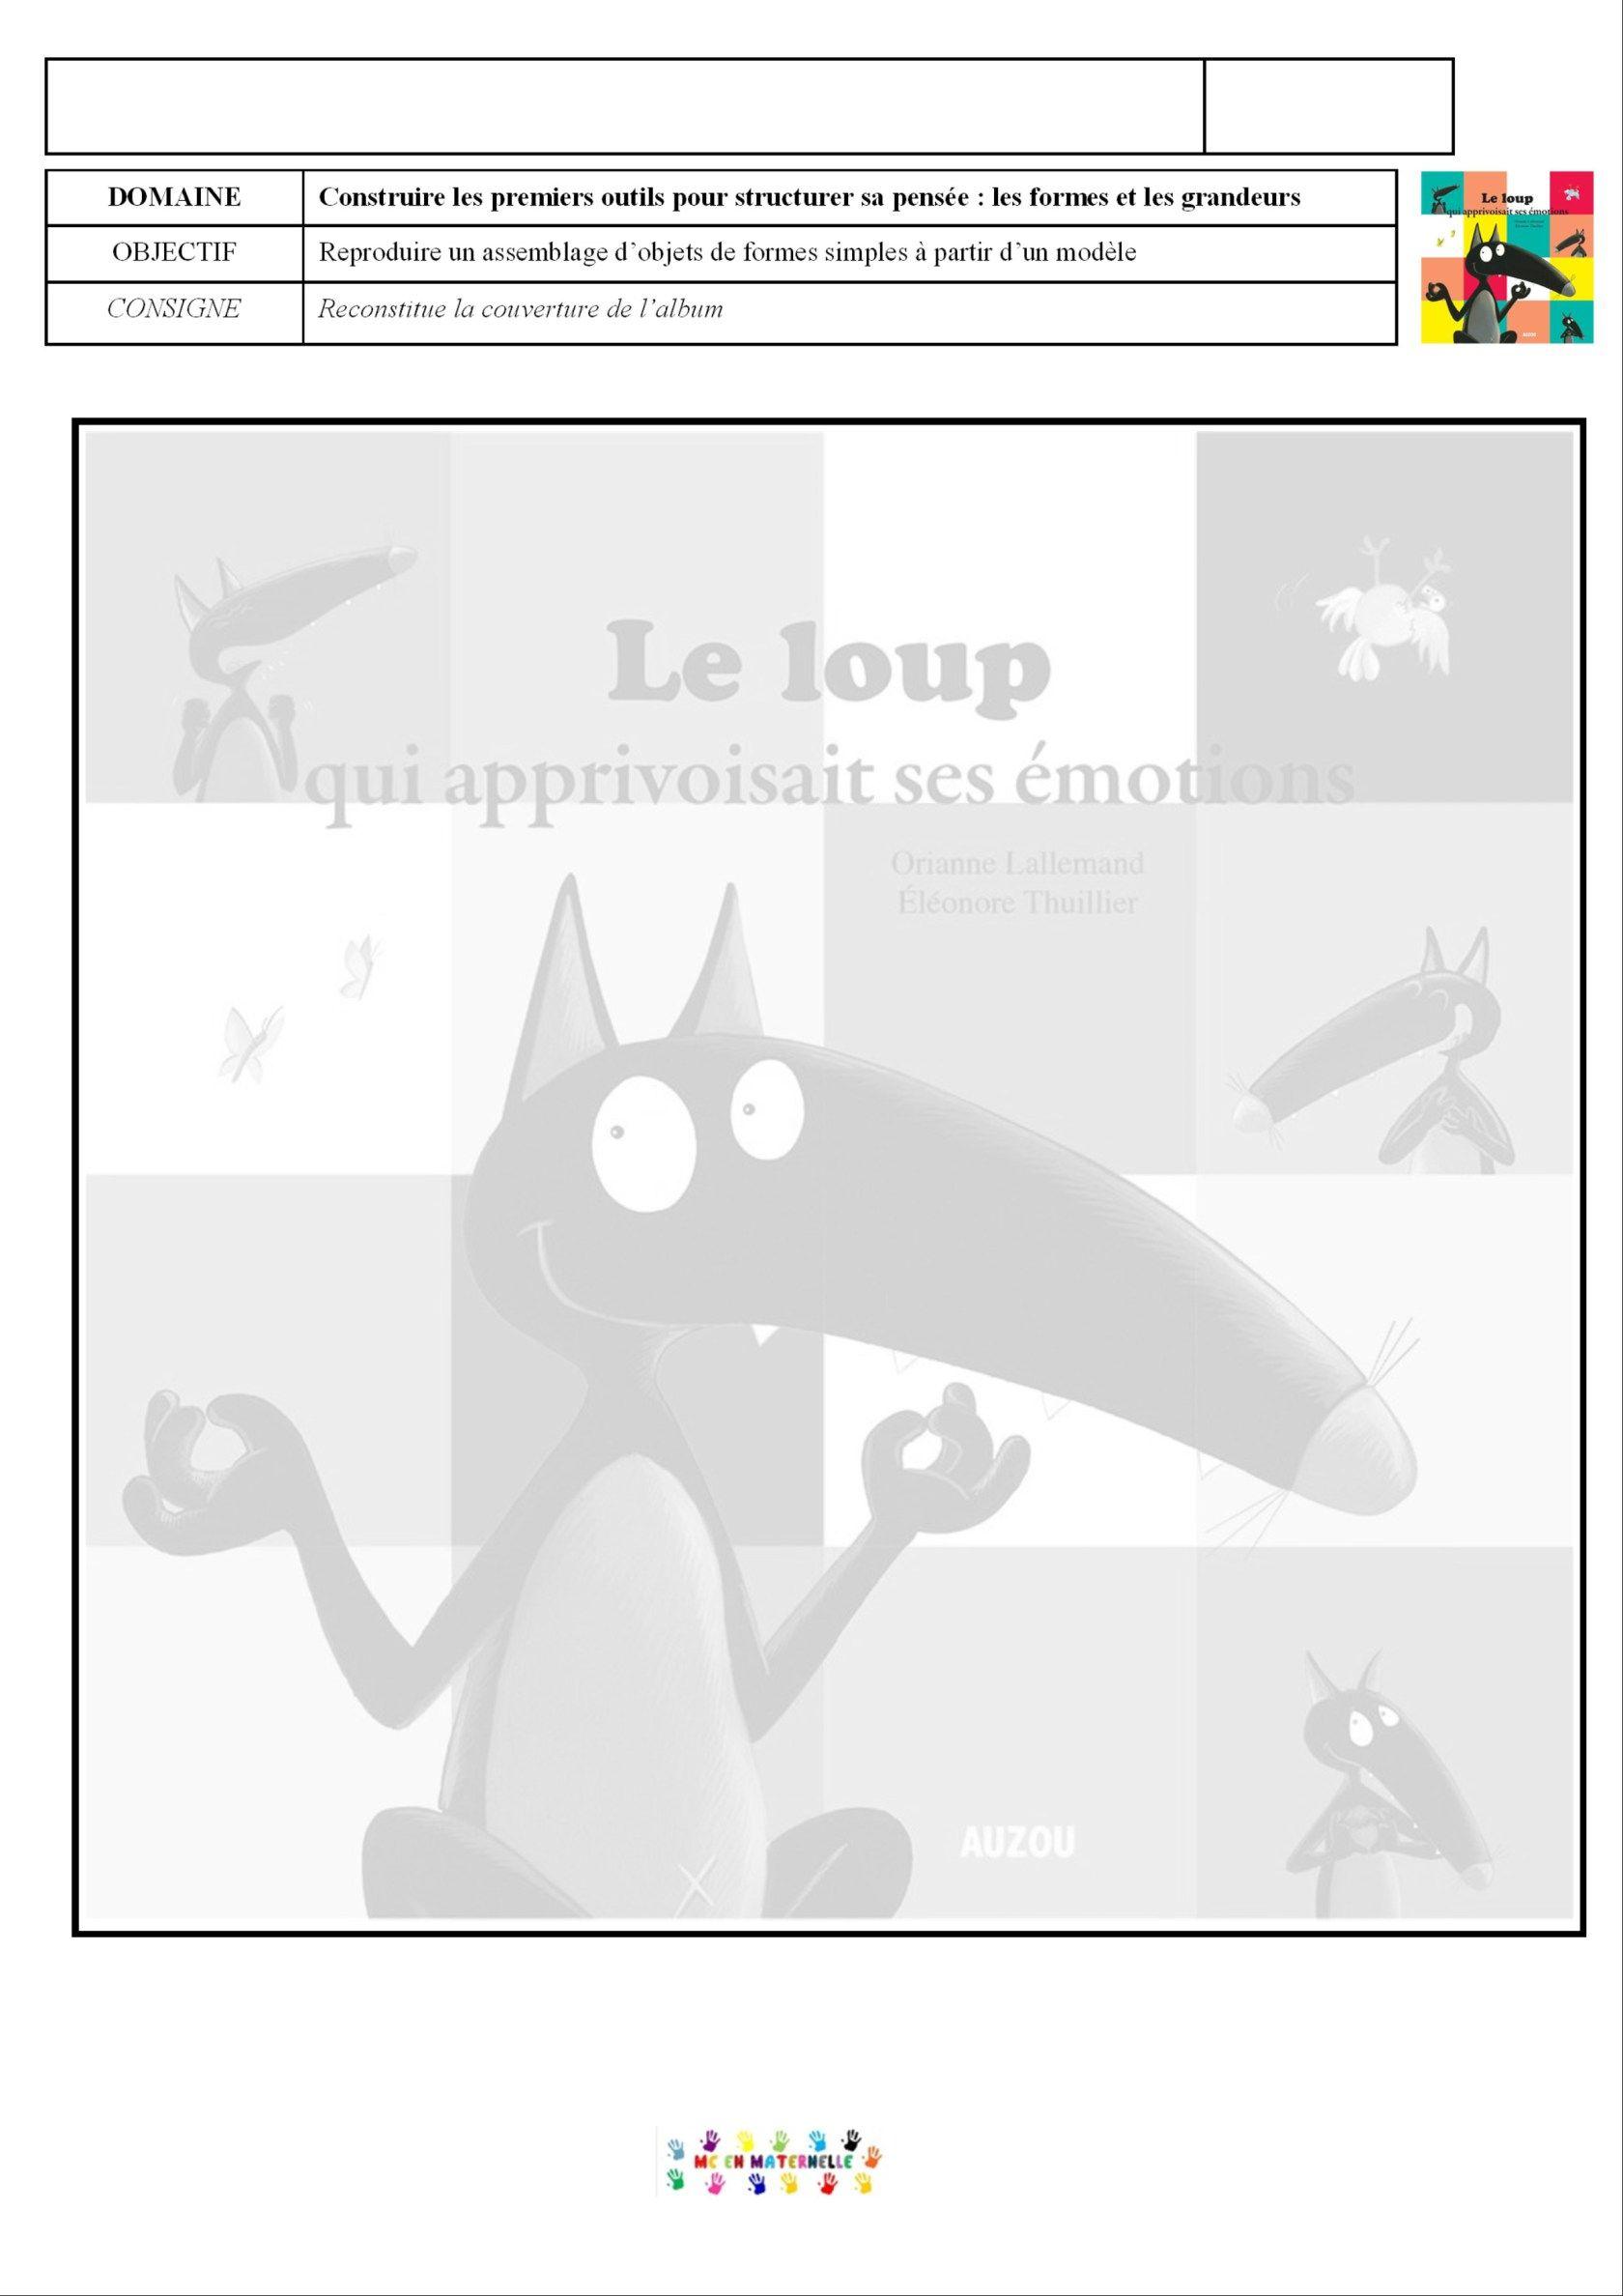 Le Loup Qui Apprivoisait Ses Emotions : apprivoisait, emotions, Apprivoisait, émotions, Puzzle, Couverture, Maternelle, Loup,, Émotions,, Émotions